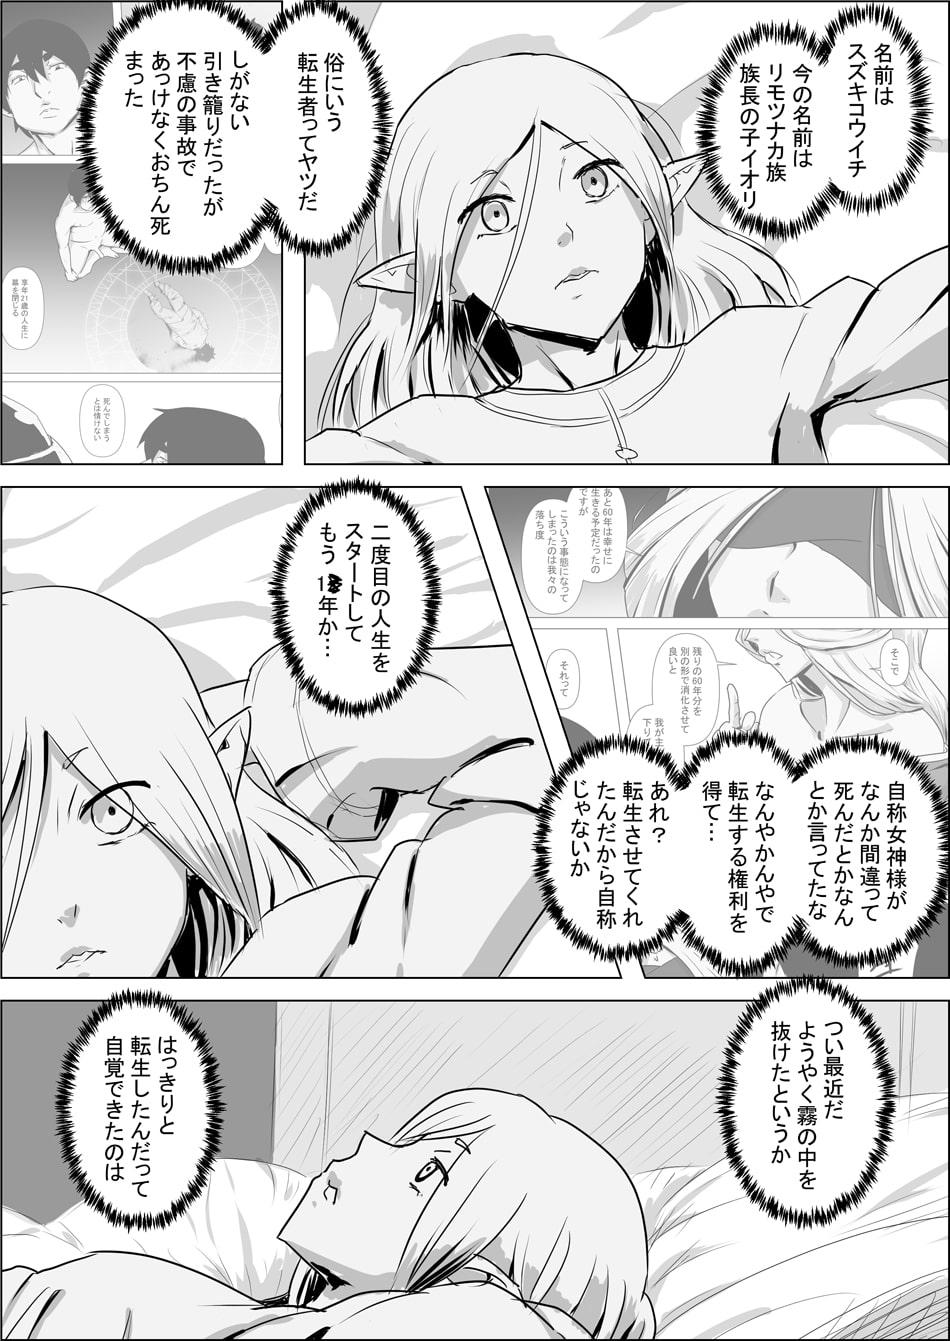 異世界転生なんてするもんじゃぁない#02